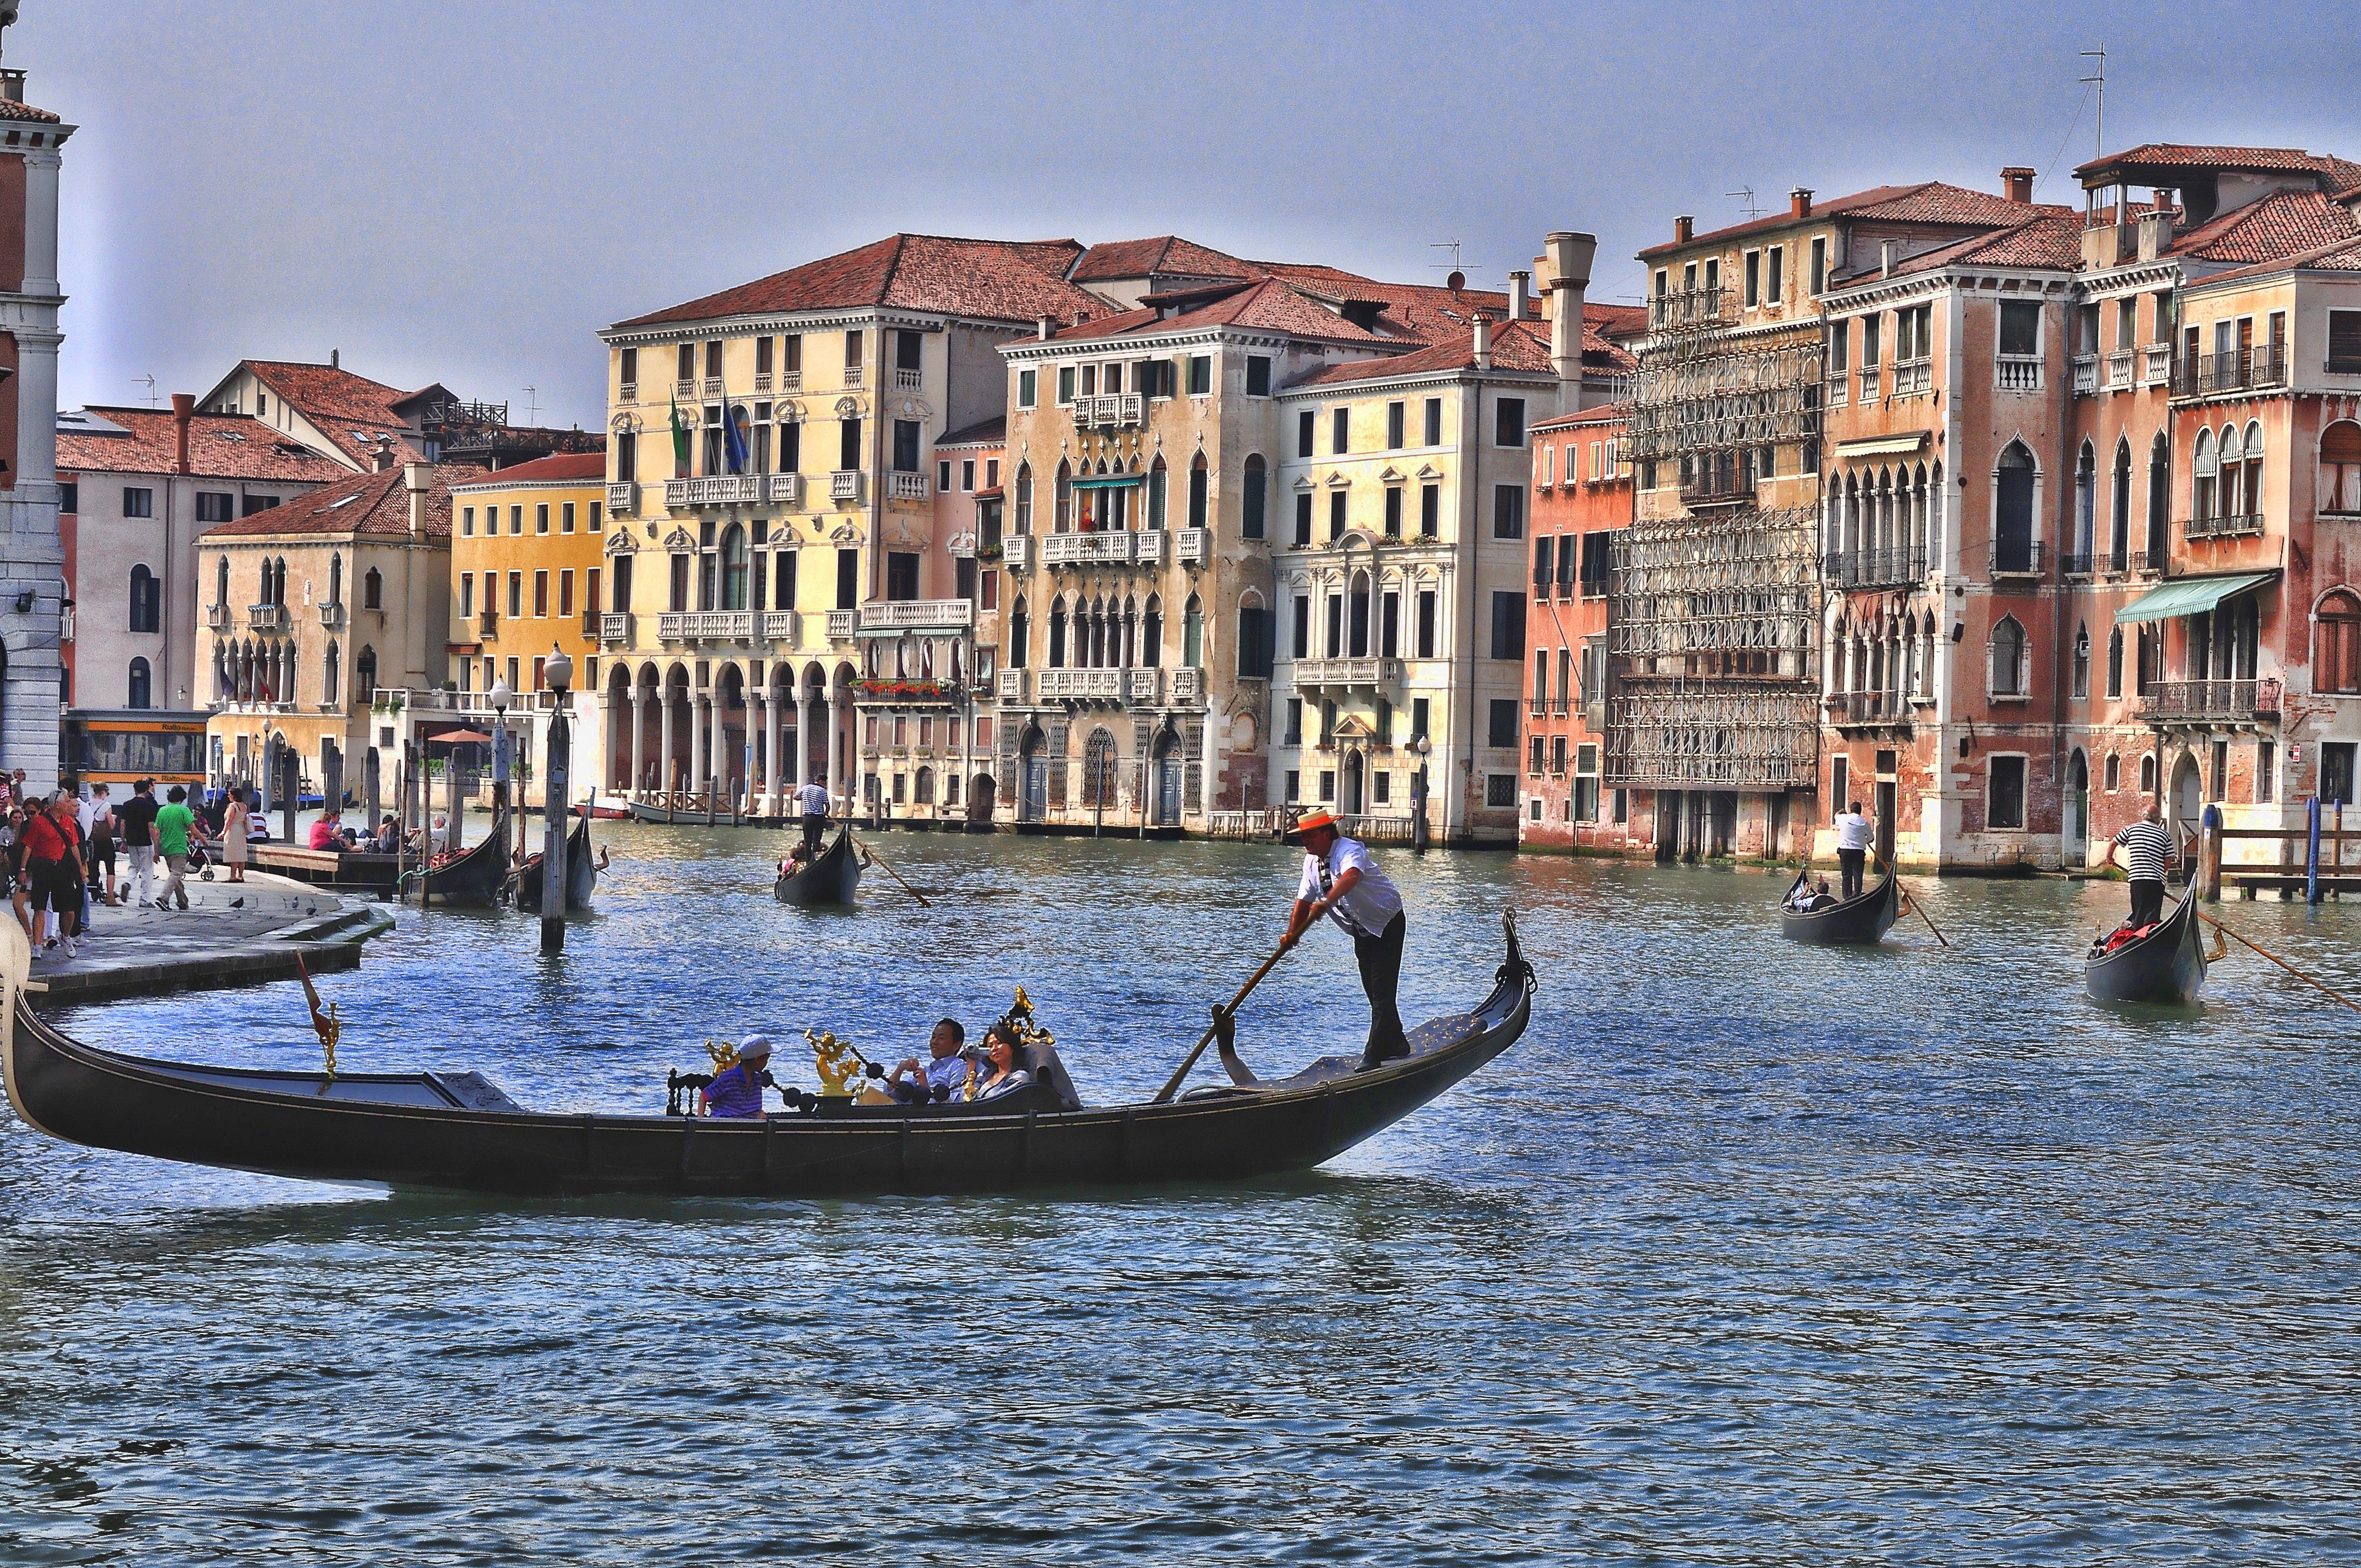 Filehotel ca sagredo grand canal rialto venice italy venezia creative